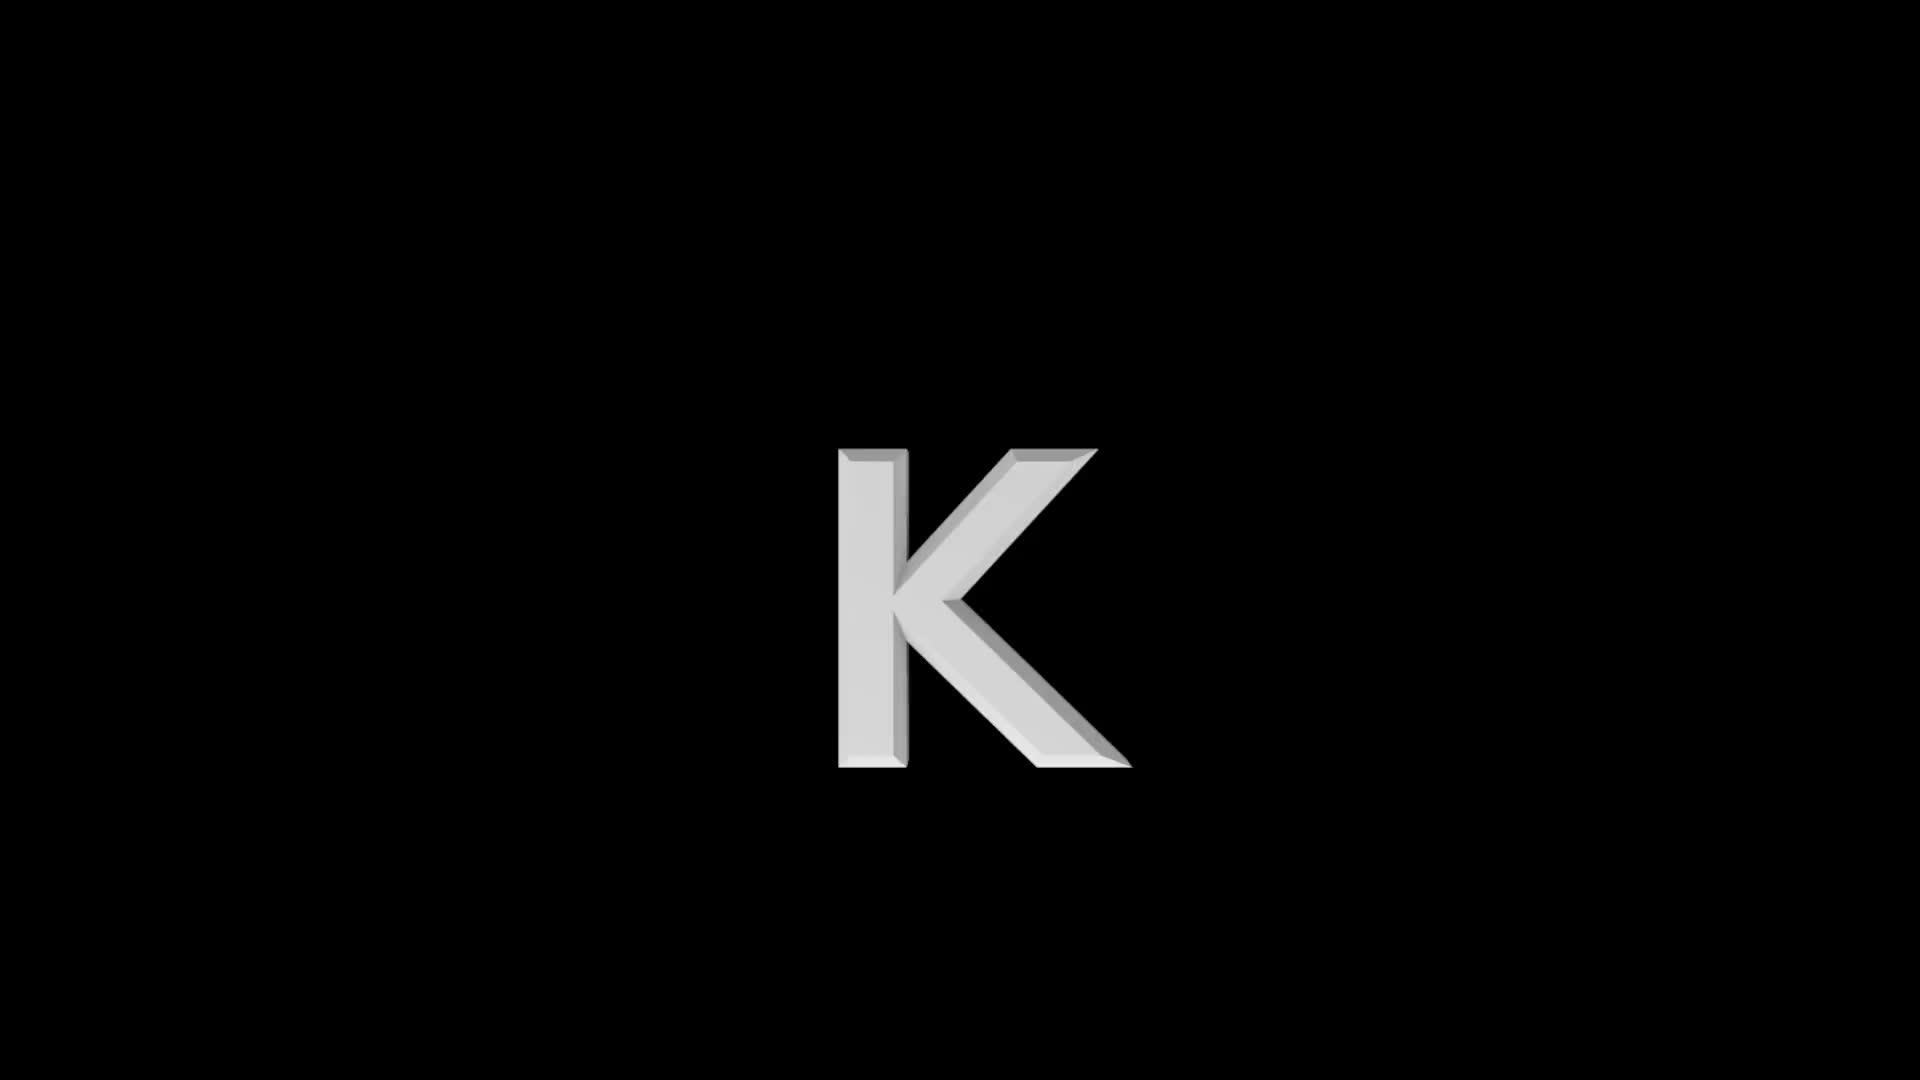 k, kk, K GIFs